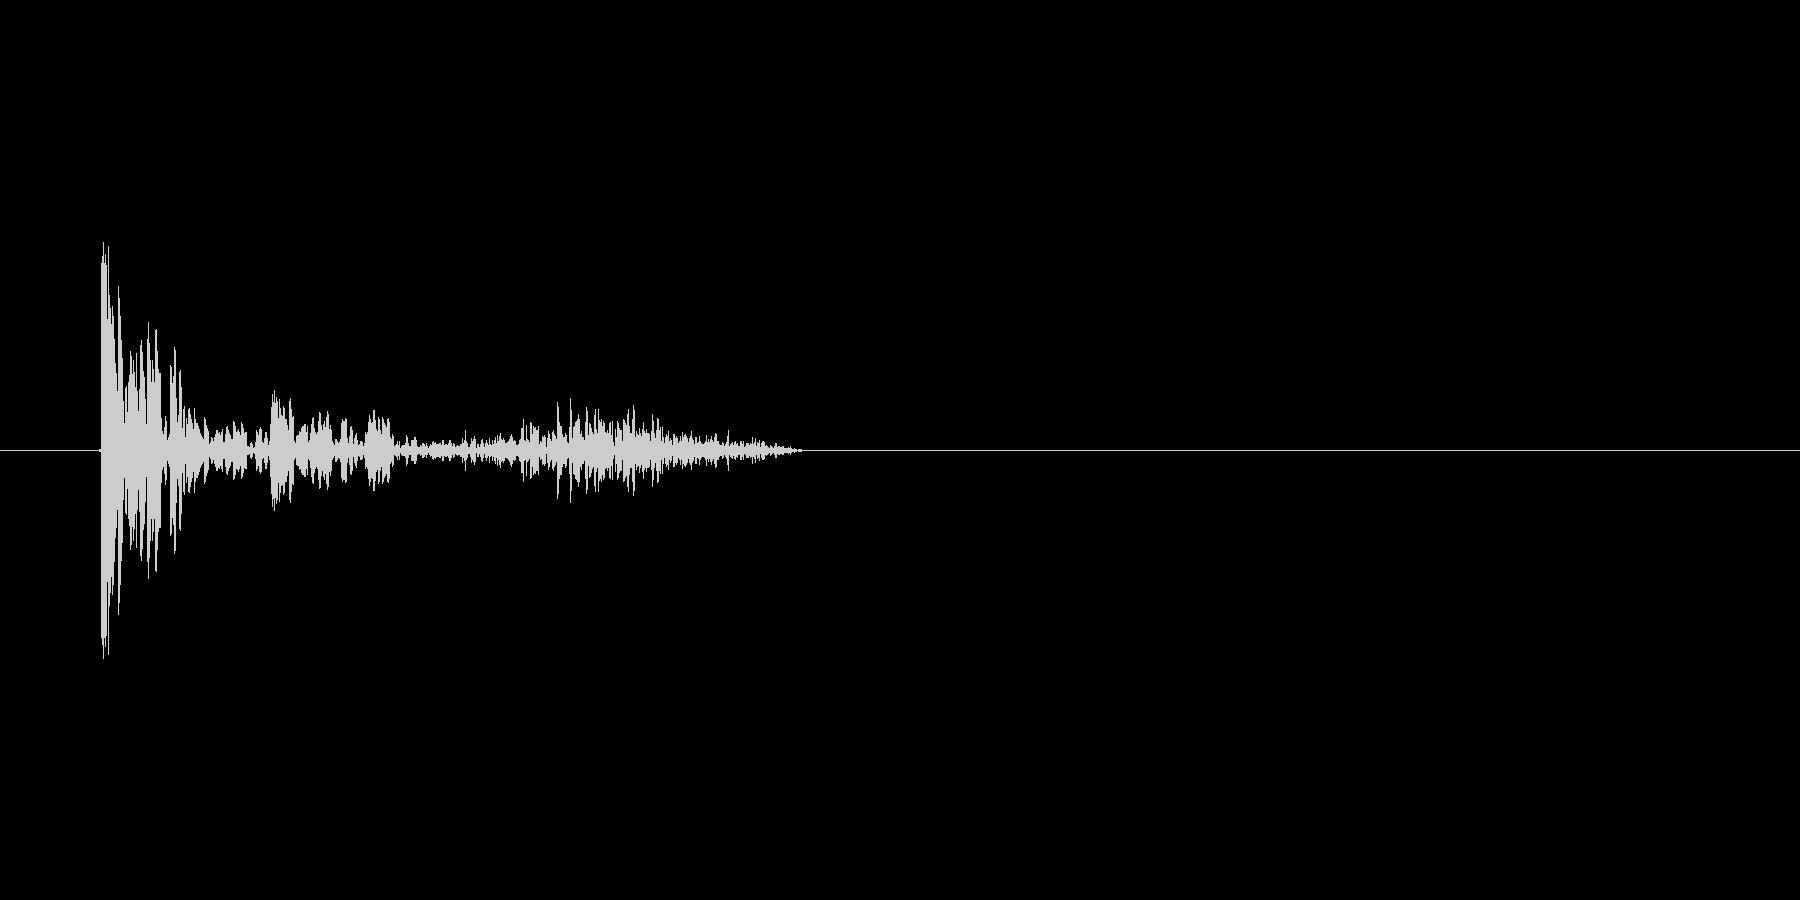 「ドドタン コォー(サウンドロゴ)」の未再生の波形